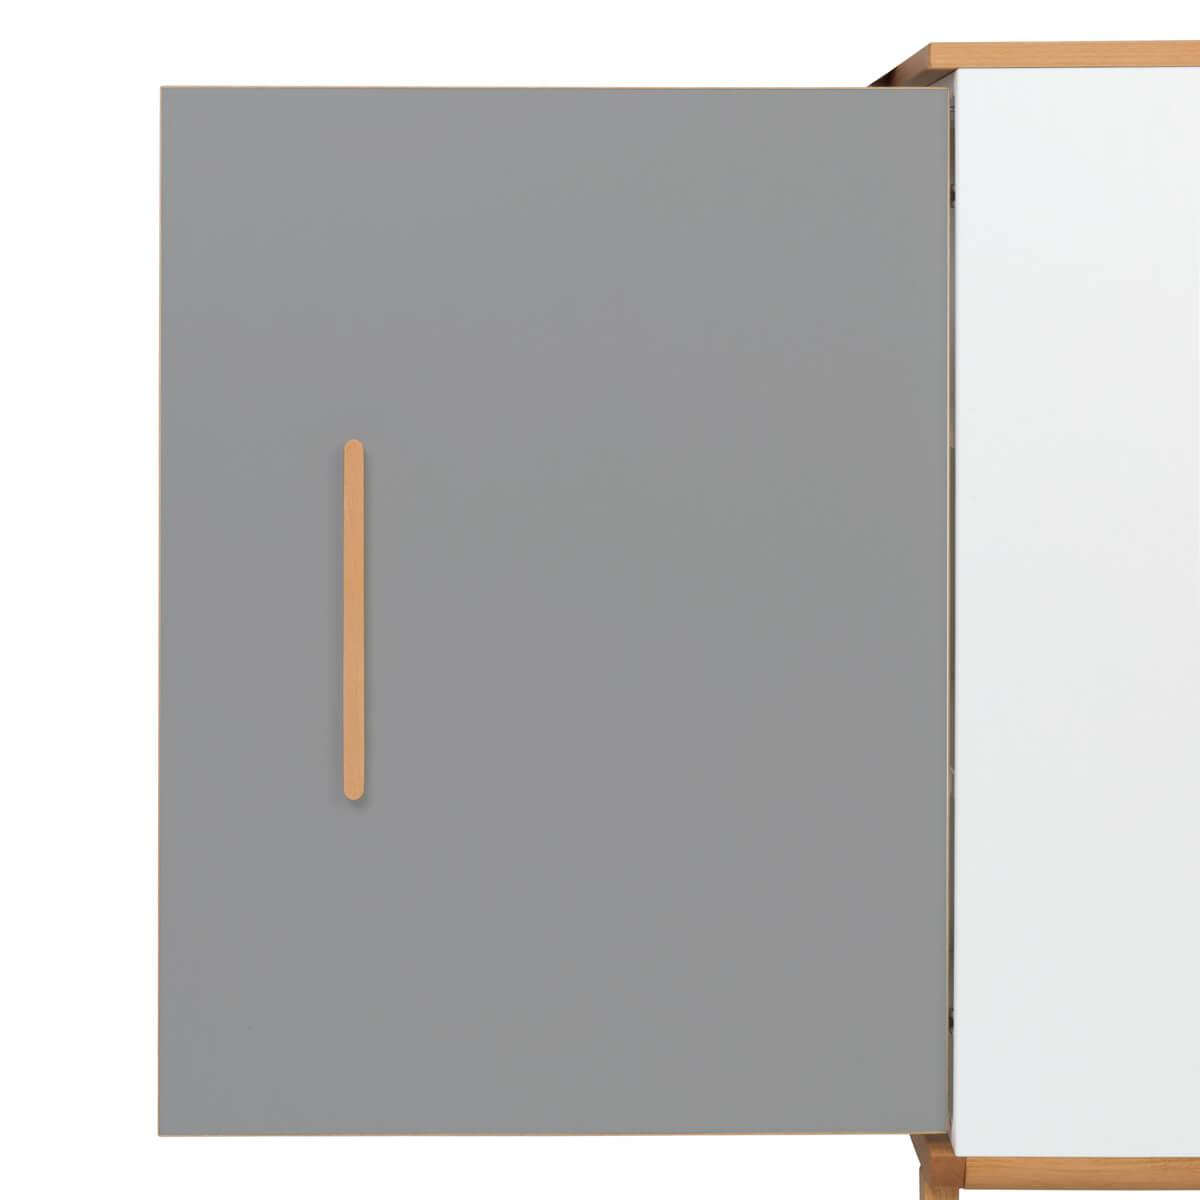 Porte M NADO slate grey